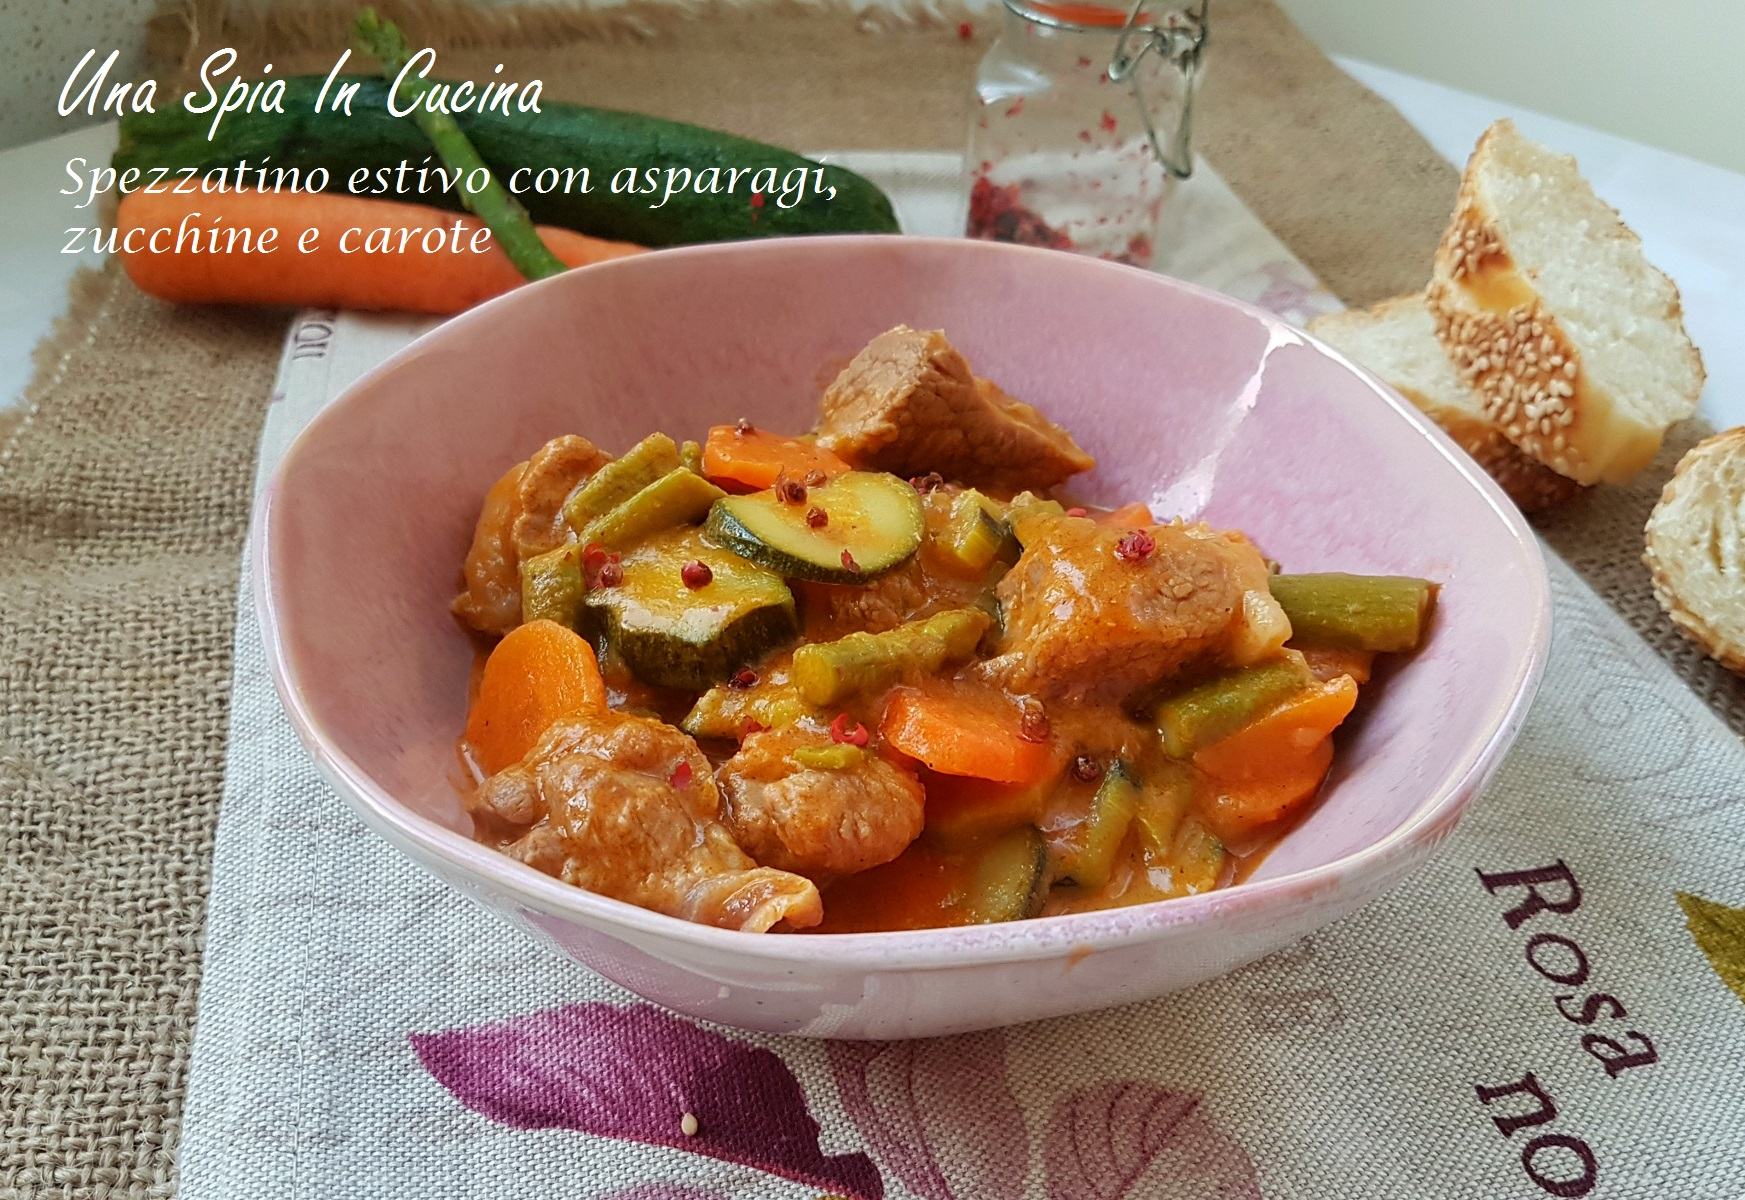 Ricetta Spezzatino Estivo.Spezzatino Estivo Con Asparagi Zucchine E Carote Una Spia In Cucina